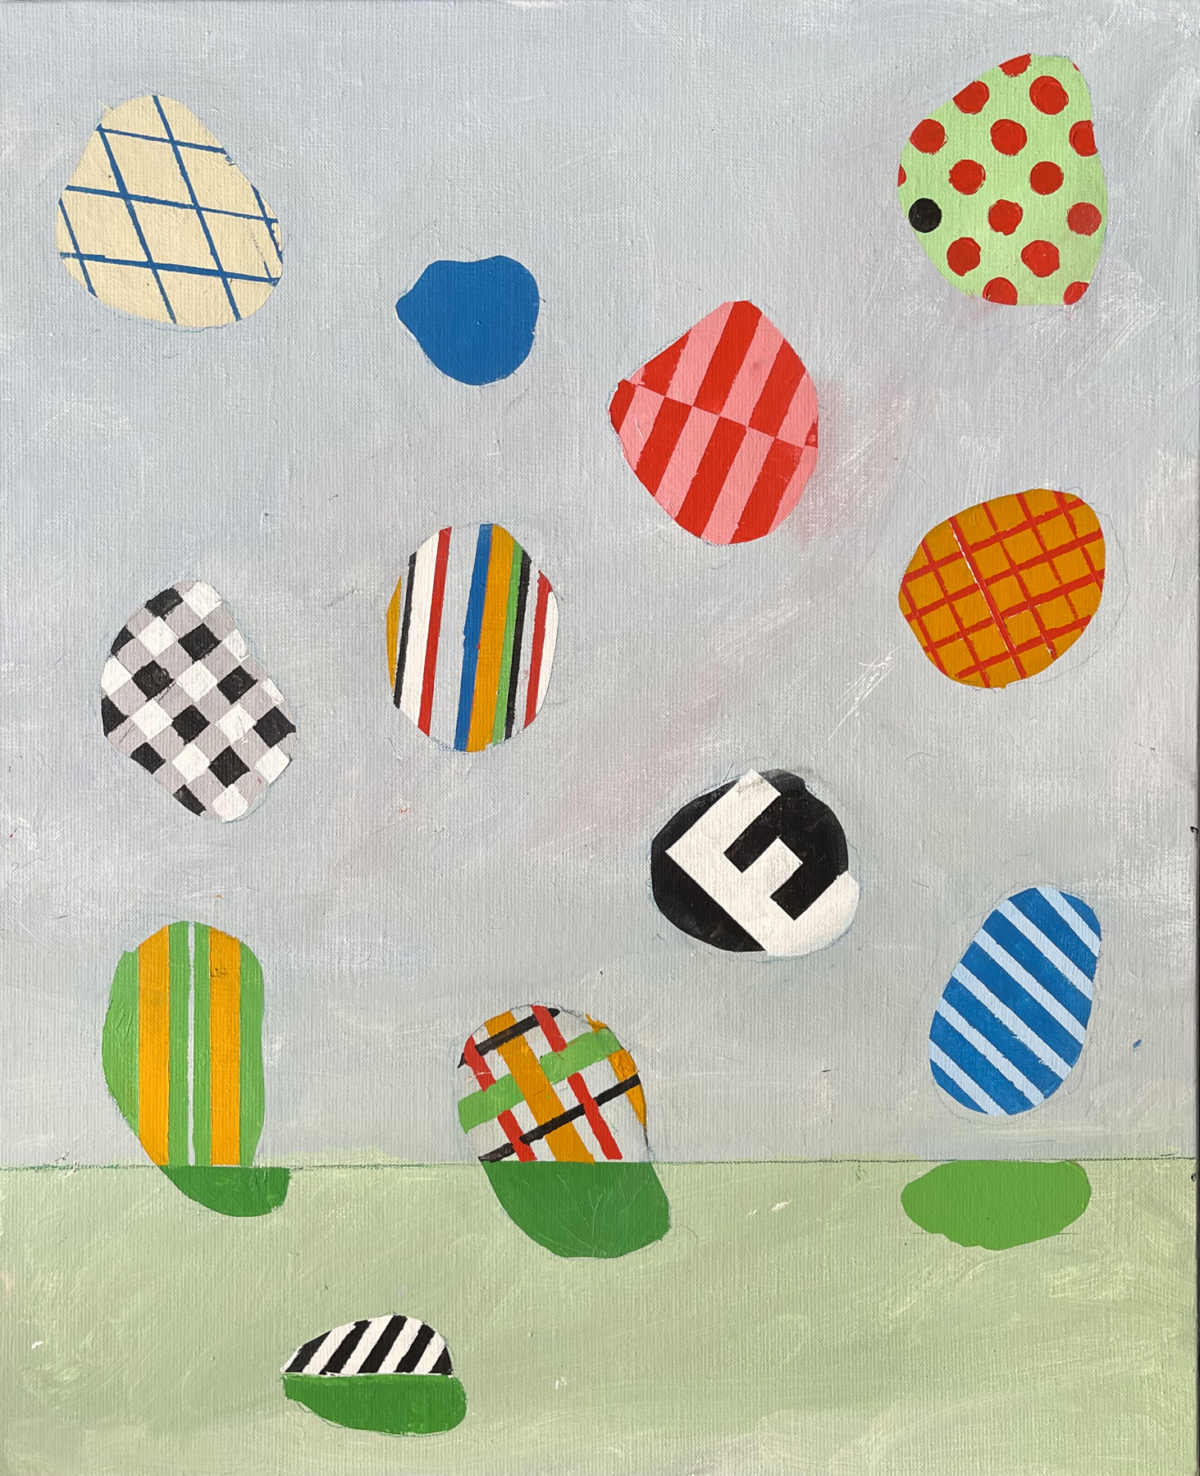 Falling particules, 2021 Acrylique sur toile, 61 x 50 cm DT21-071 ©Dean Tavoularis